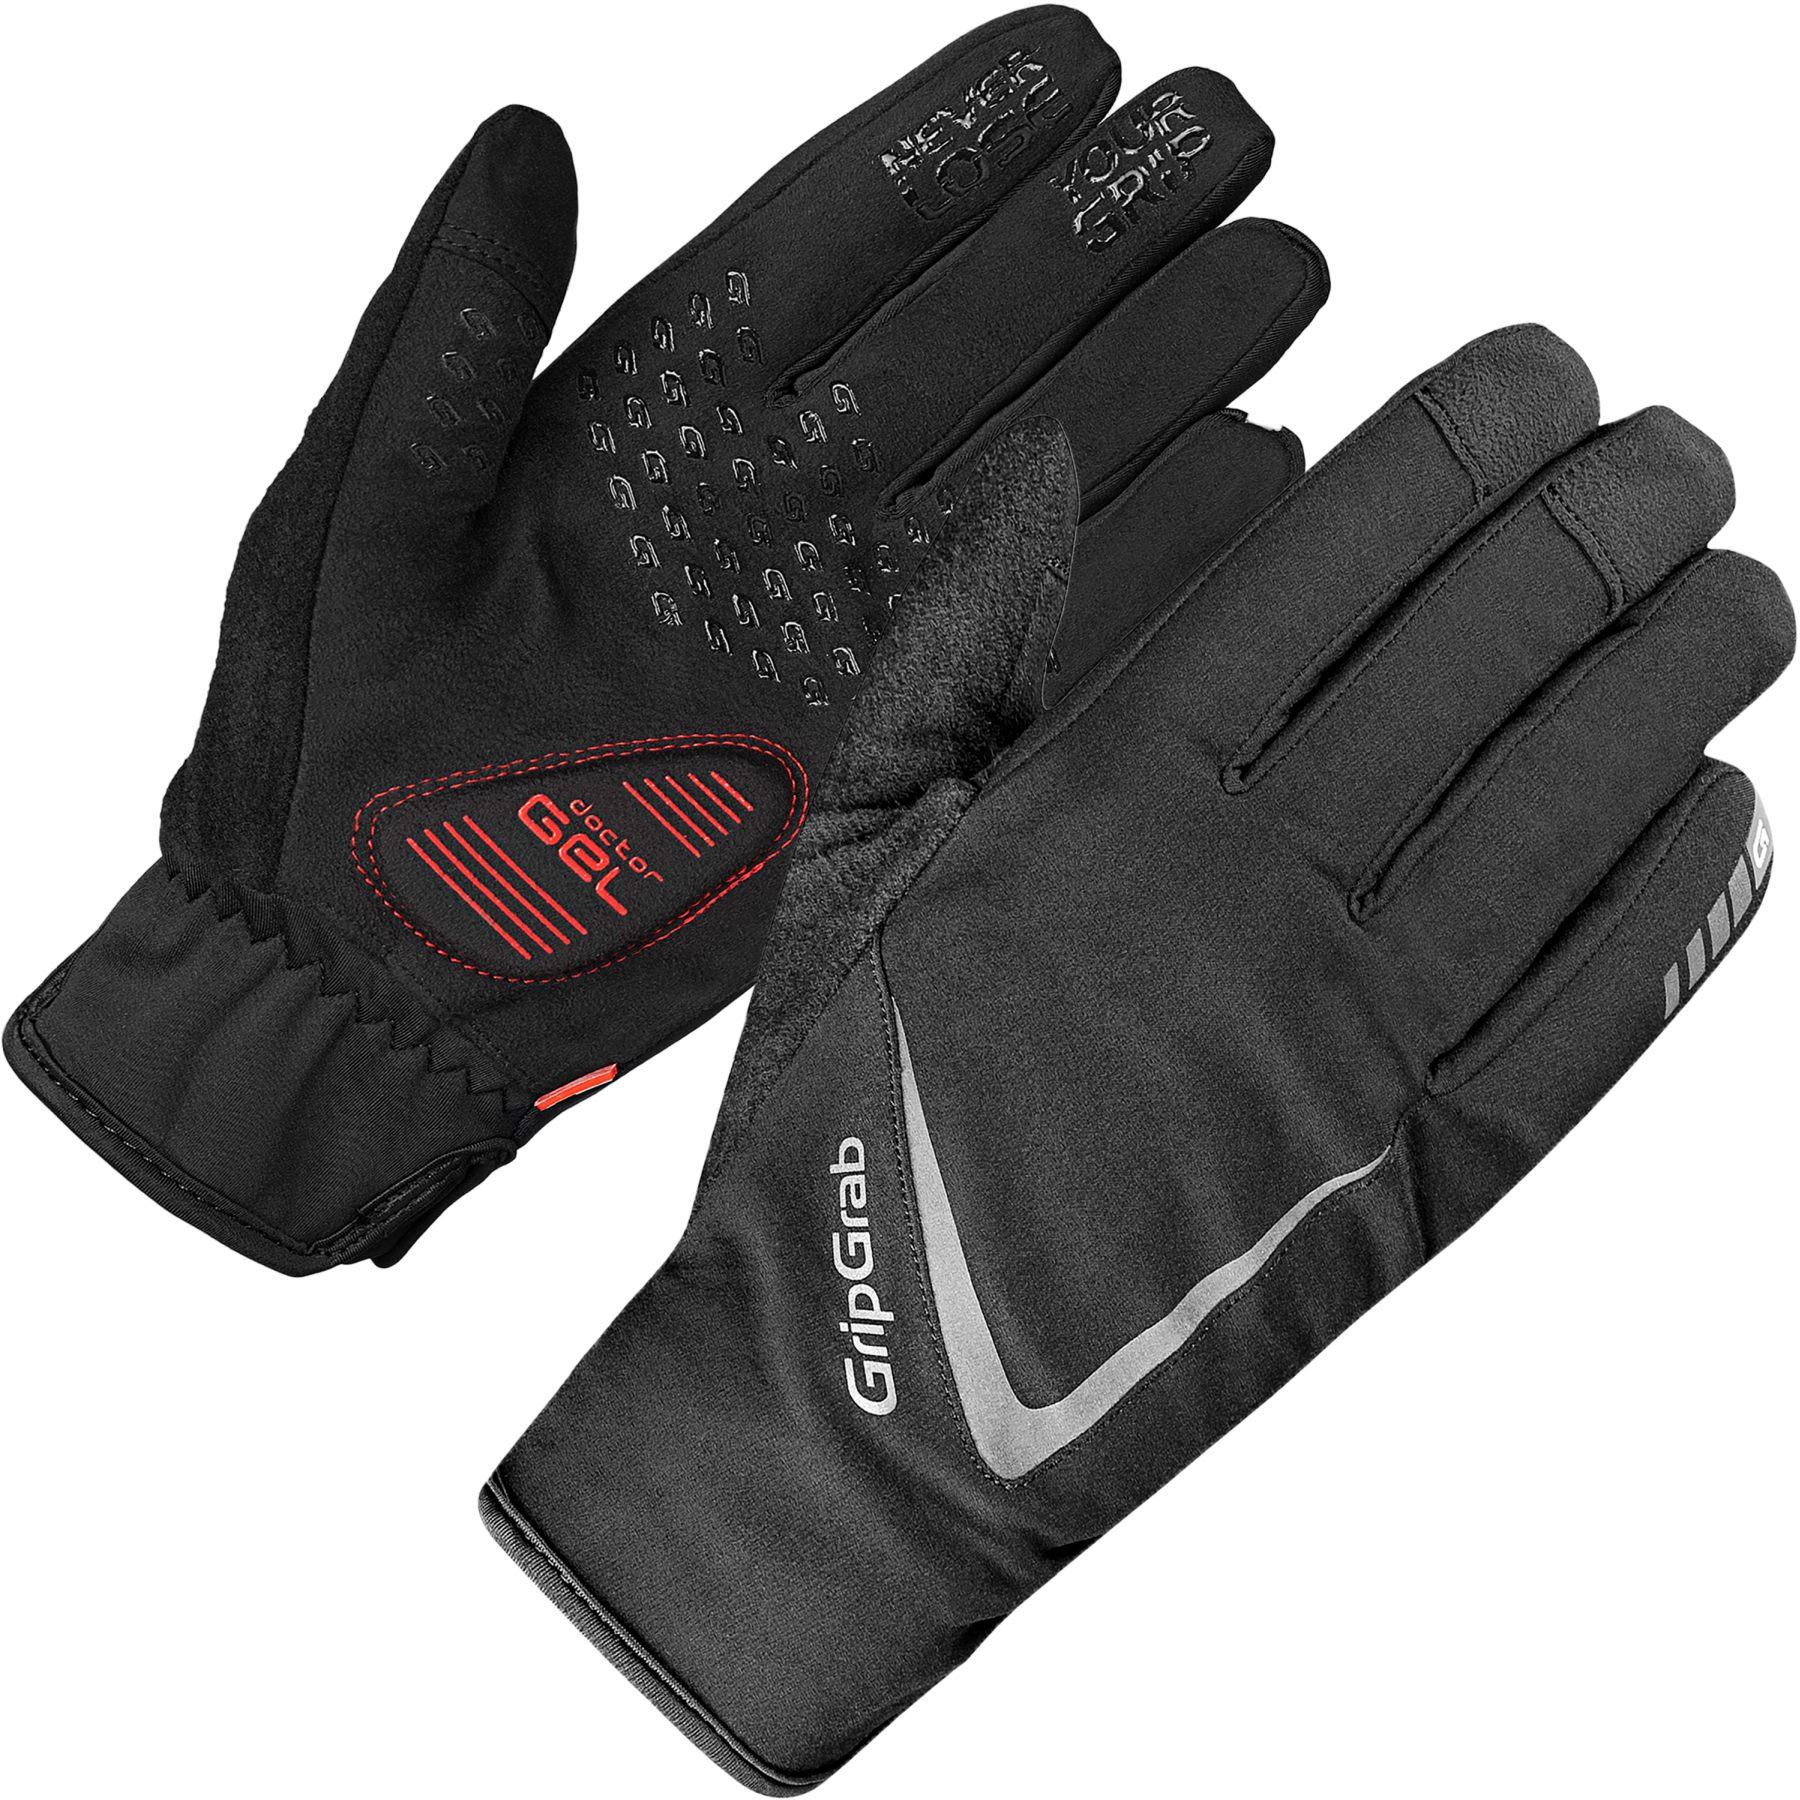 GripGrab Cloudburst Waterproof Midseason Glove - Black